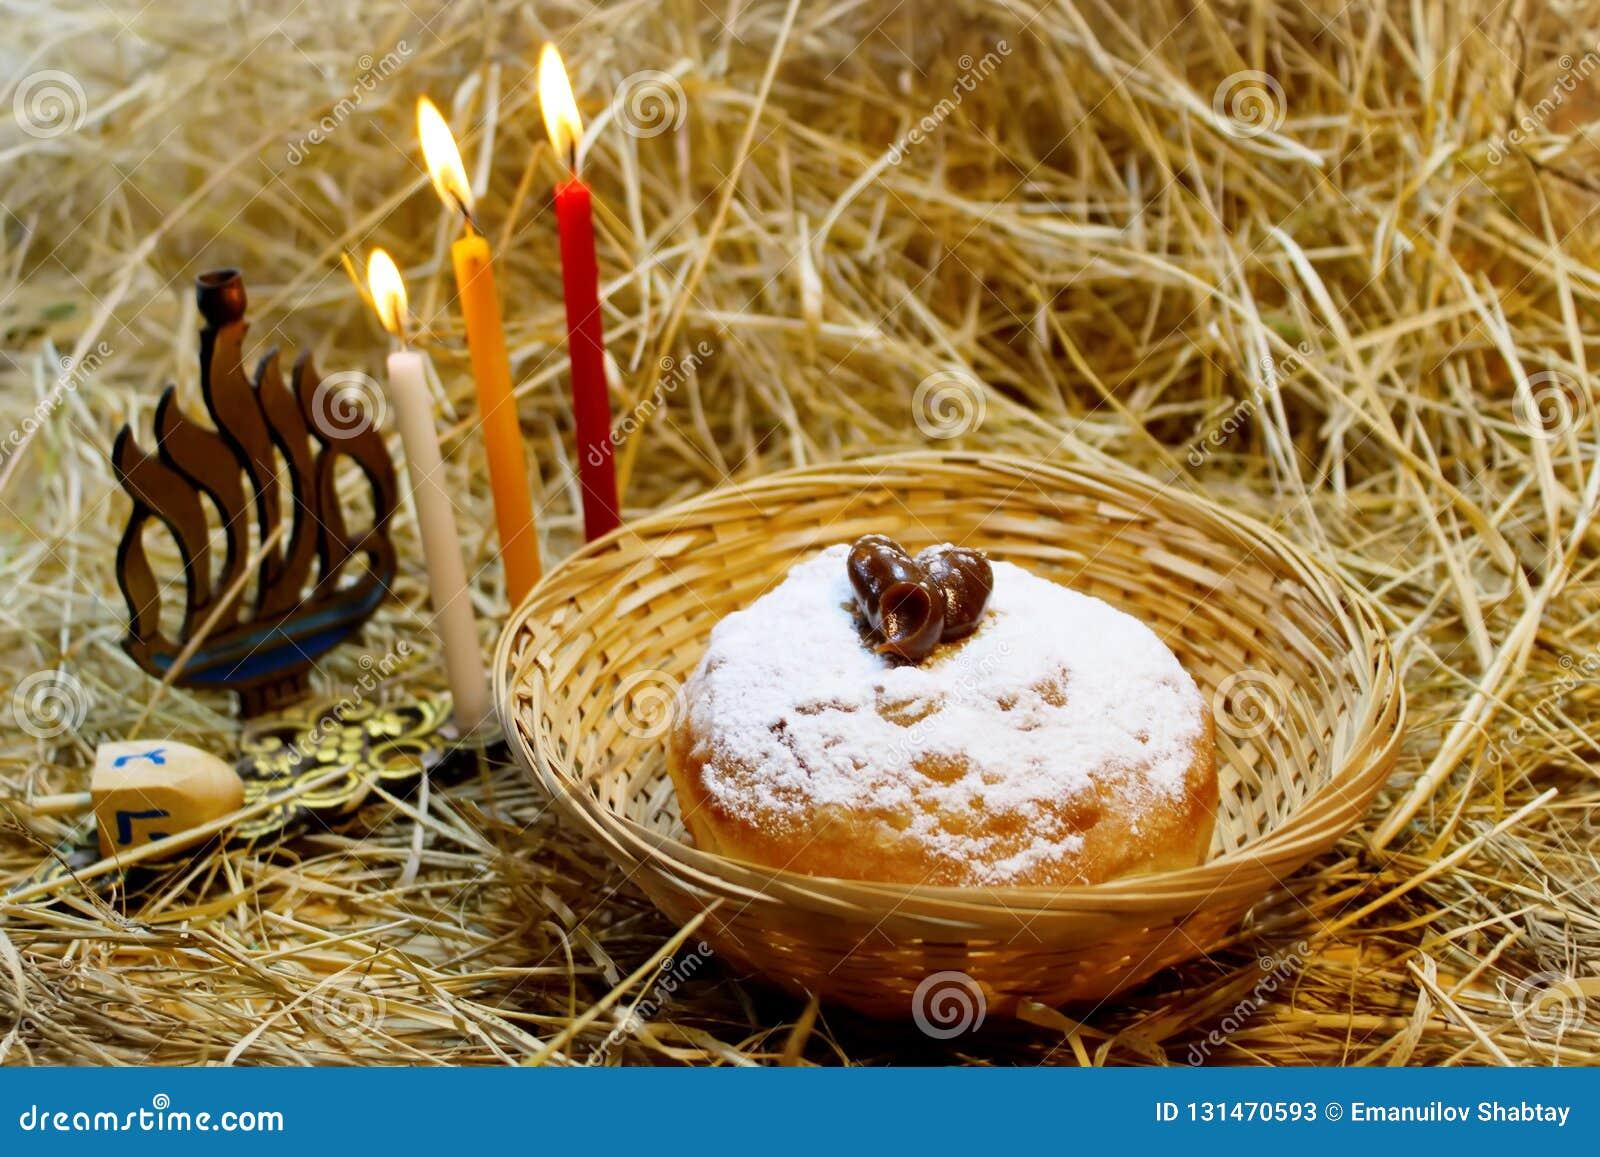 Hanukkah symbole: Hanukkah Sufganiyah, Hanukkah Menorah, Hanukkah Dreidels